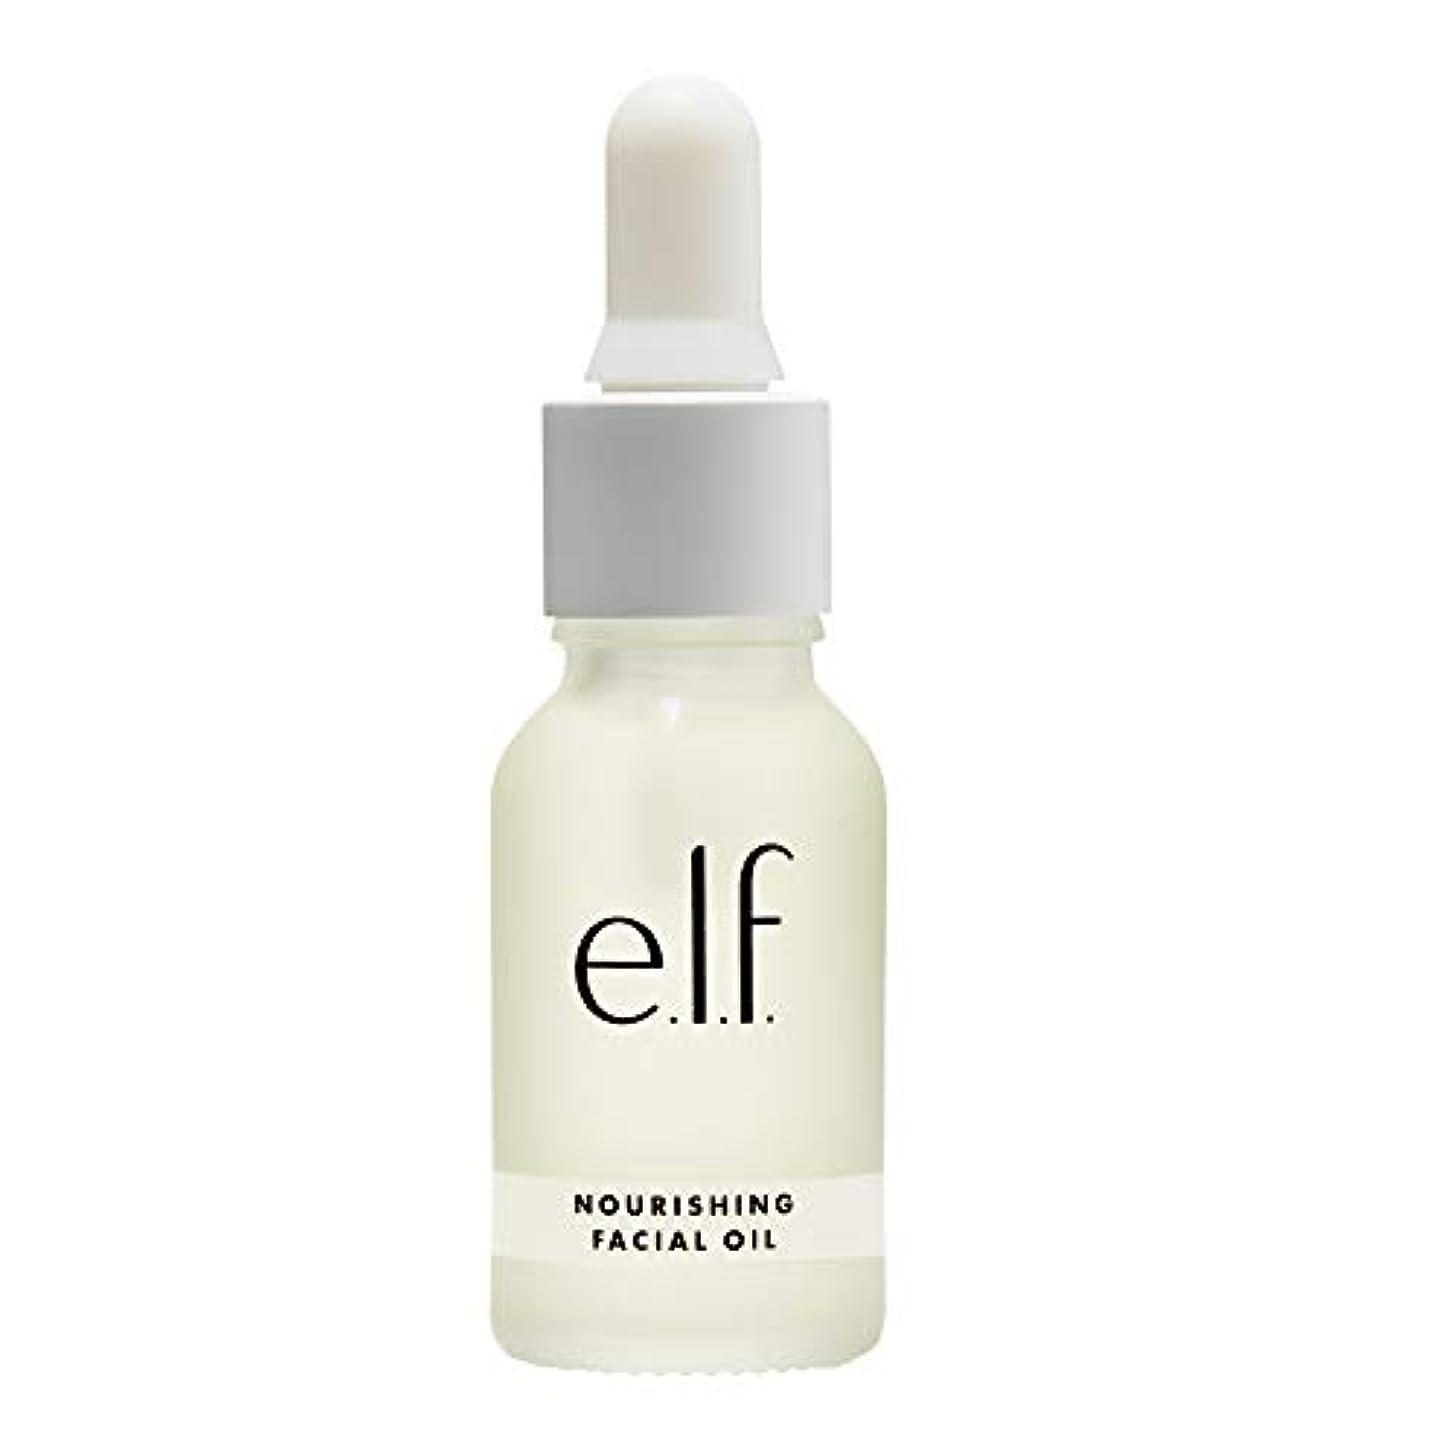 療法成果細分化するe.l.f. Nourishing Facial Oil (並行輸入品)